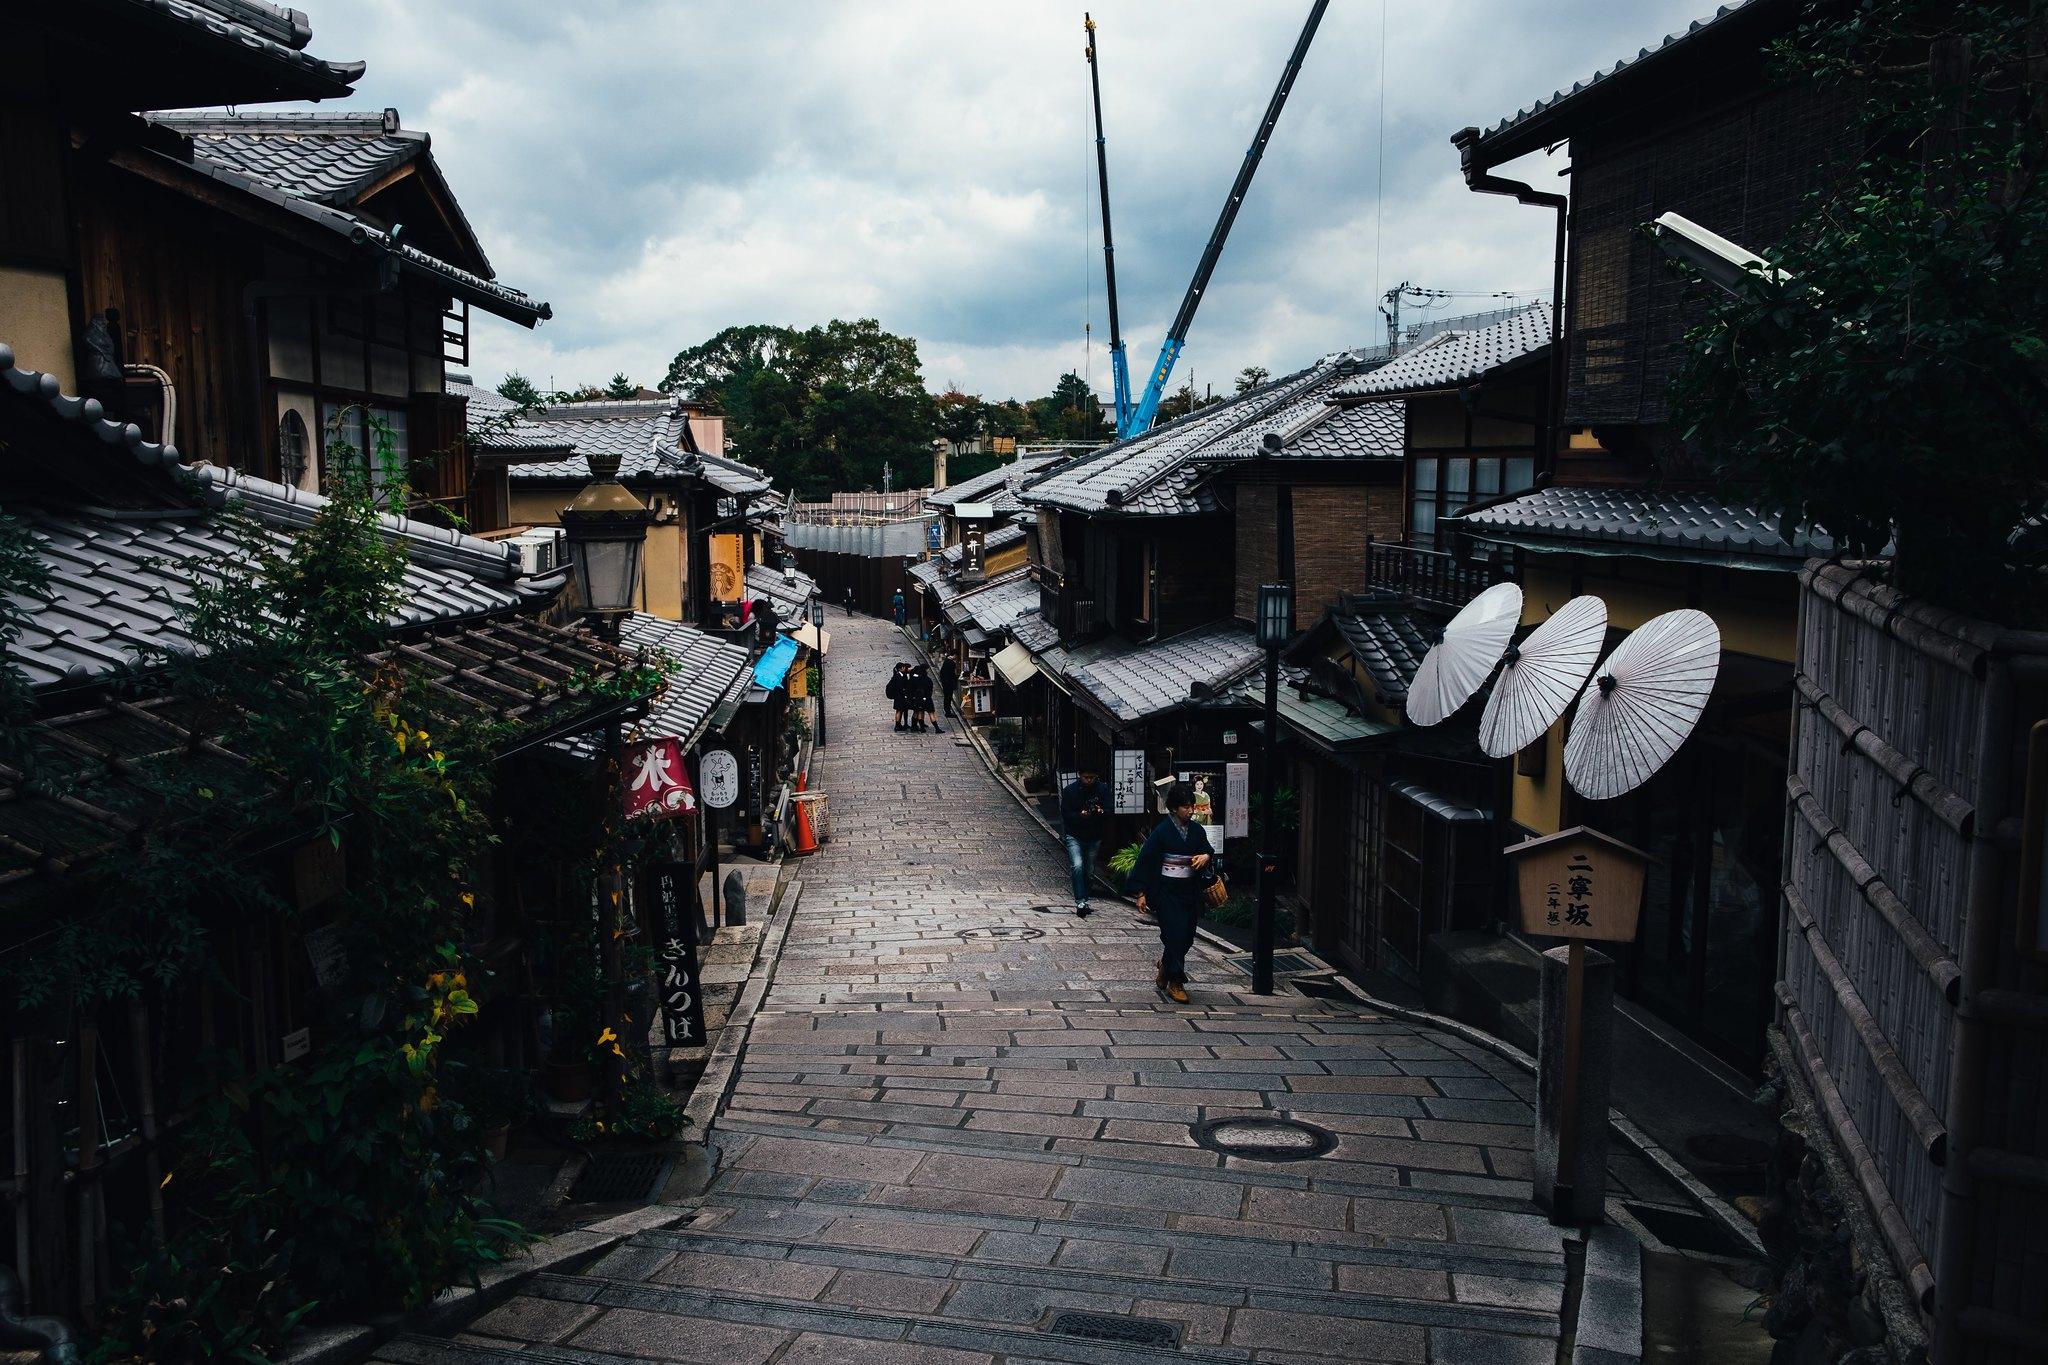 京都 フォトウォーク (36 - 90)